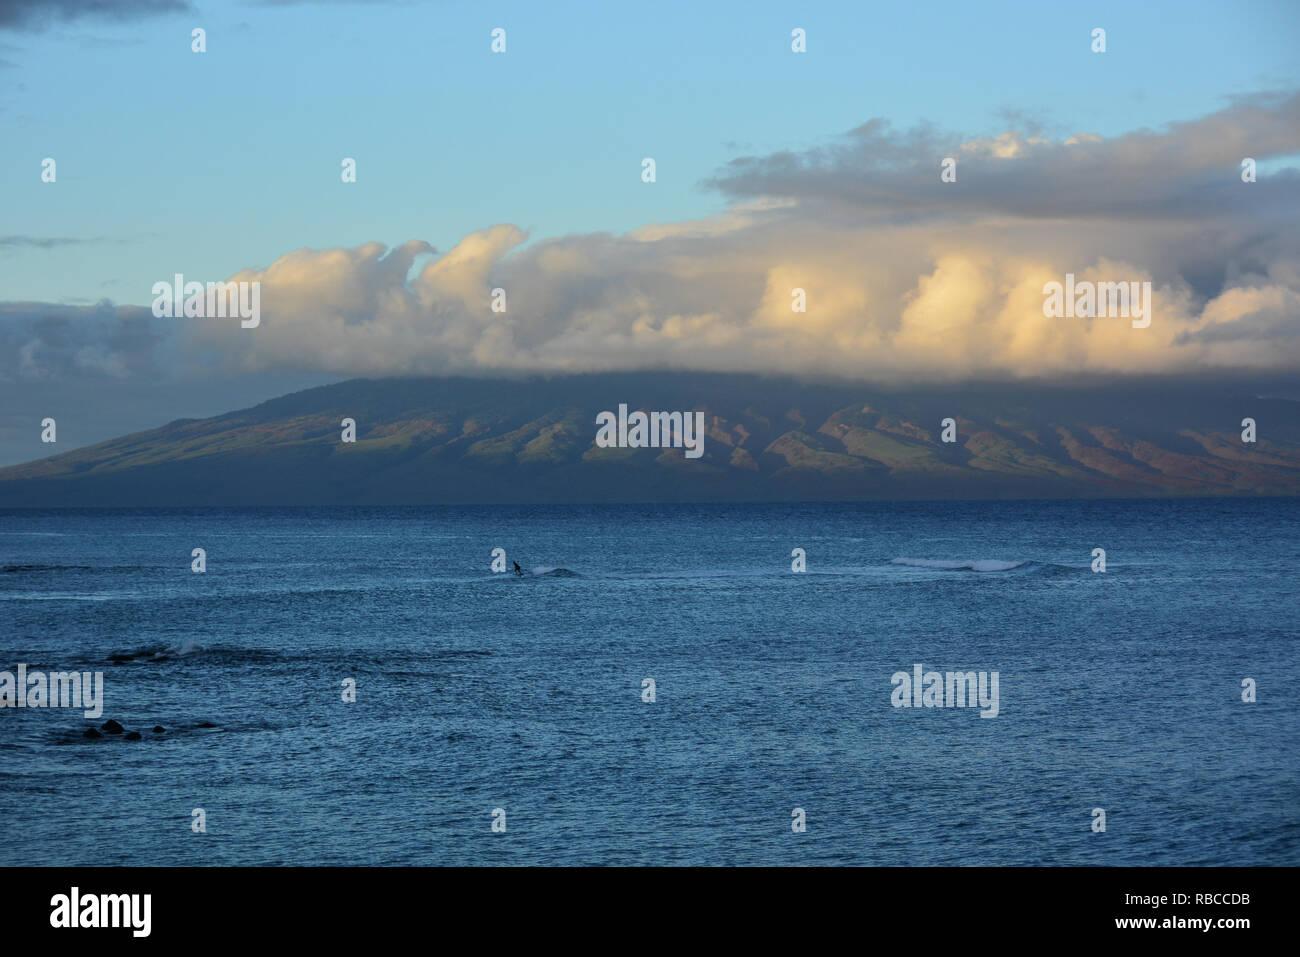 Kahana incantevole spiaggia di Maui, Hawaii. Situato tra Kaanapali e Kapalua sulla costa nordoccidentale. Ottima vista di Molokai attraverso l'acqua Foto Stock